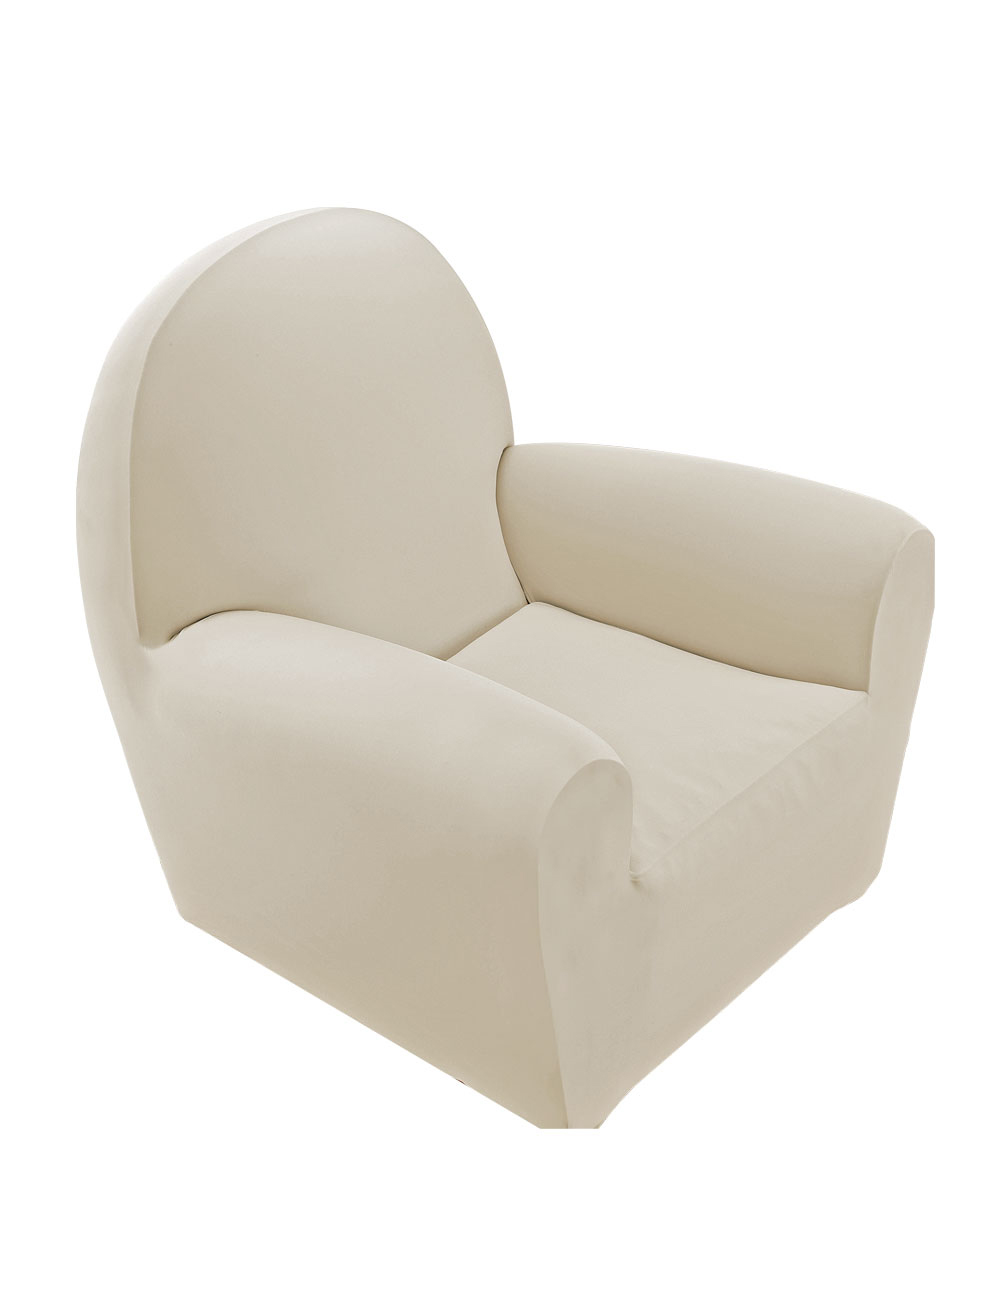 Housse pour chaise en jersey microfibre beige for Housse de chaise beige